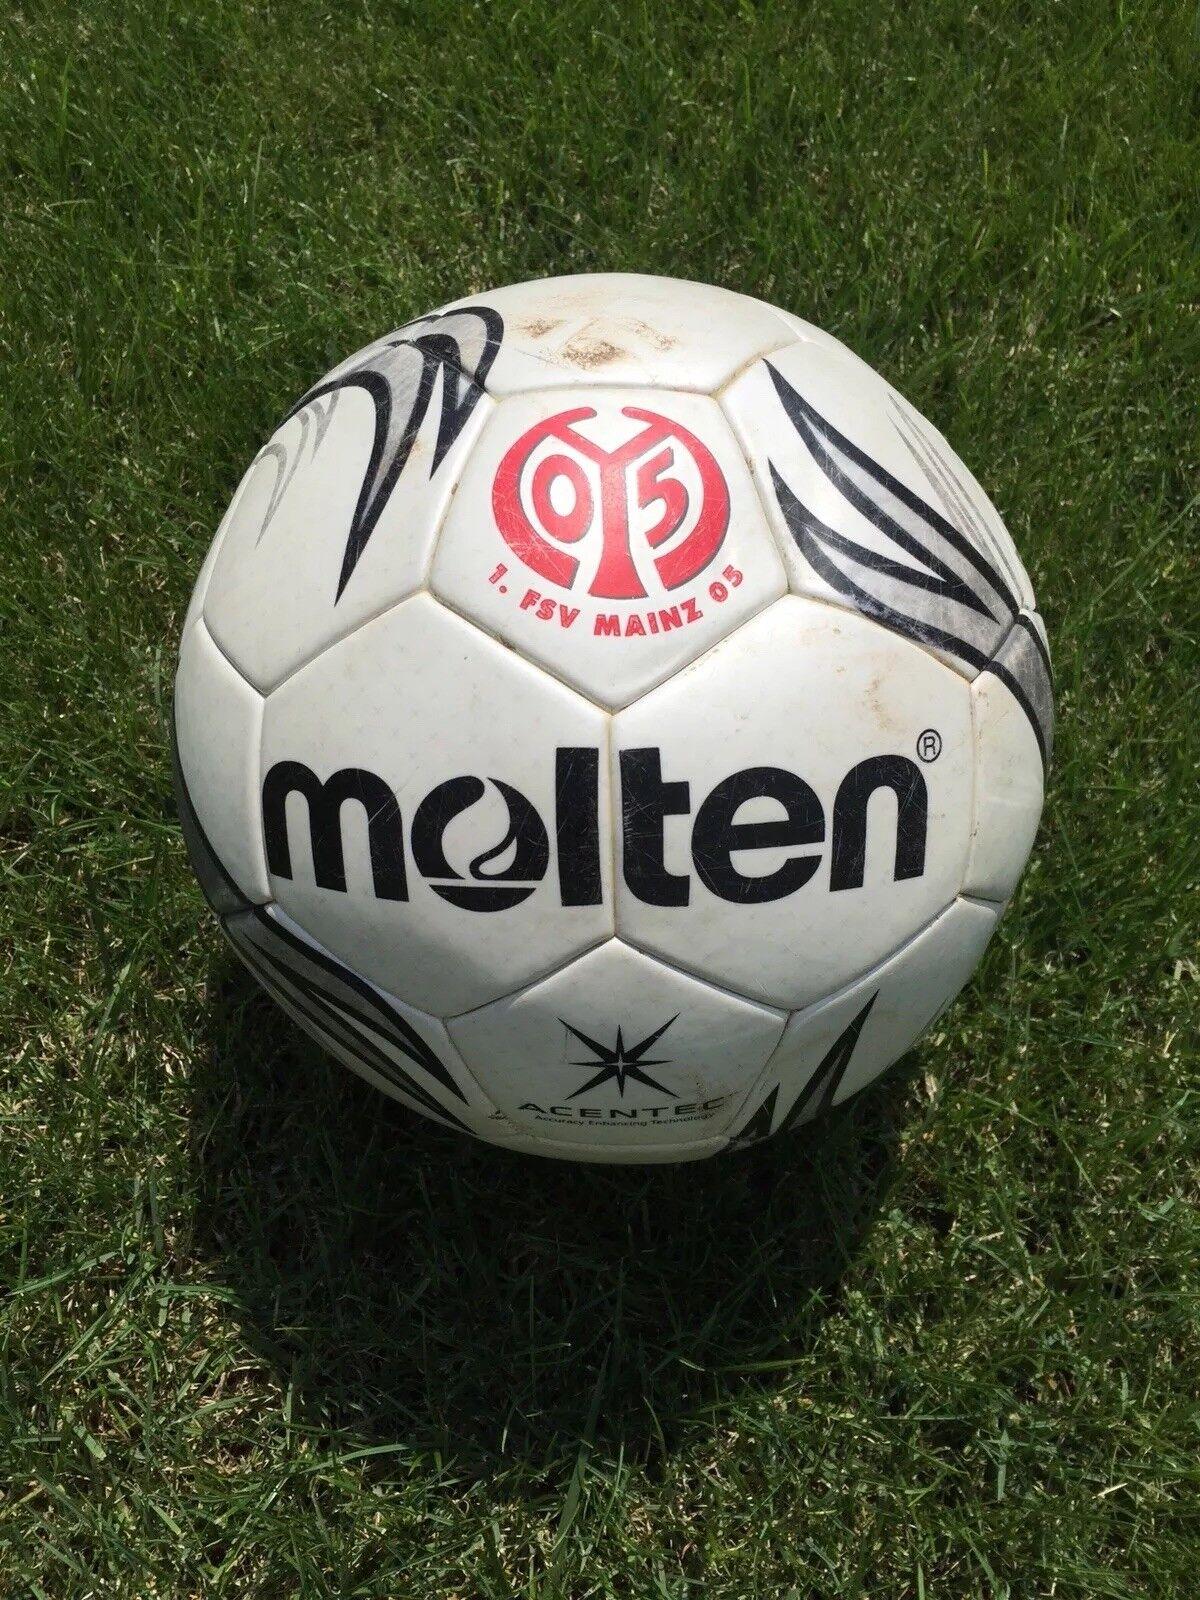 Matchball 1. FSV Mainz 05 - 1. FC Nürnberg Molten Original vom 30.10.2005  | Feinen Qualität